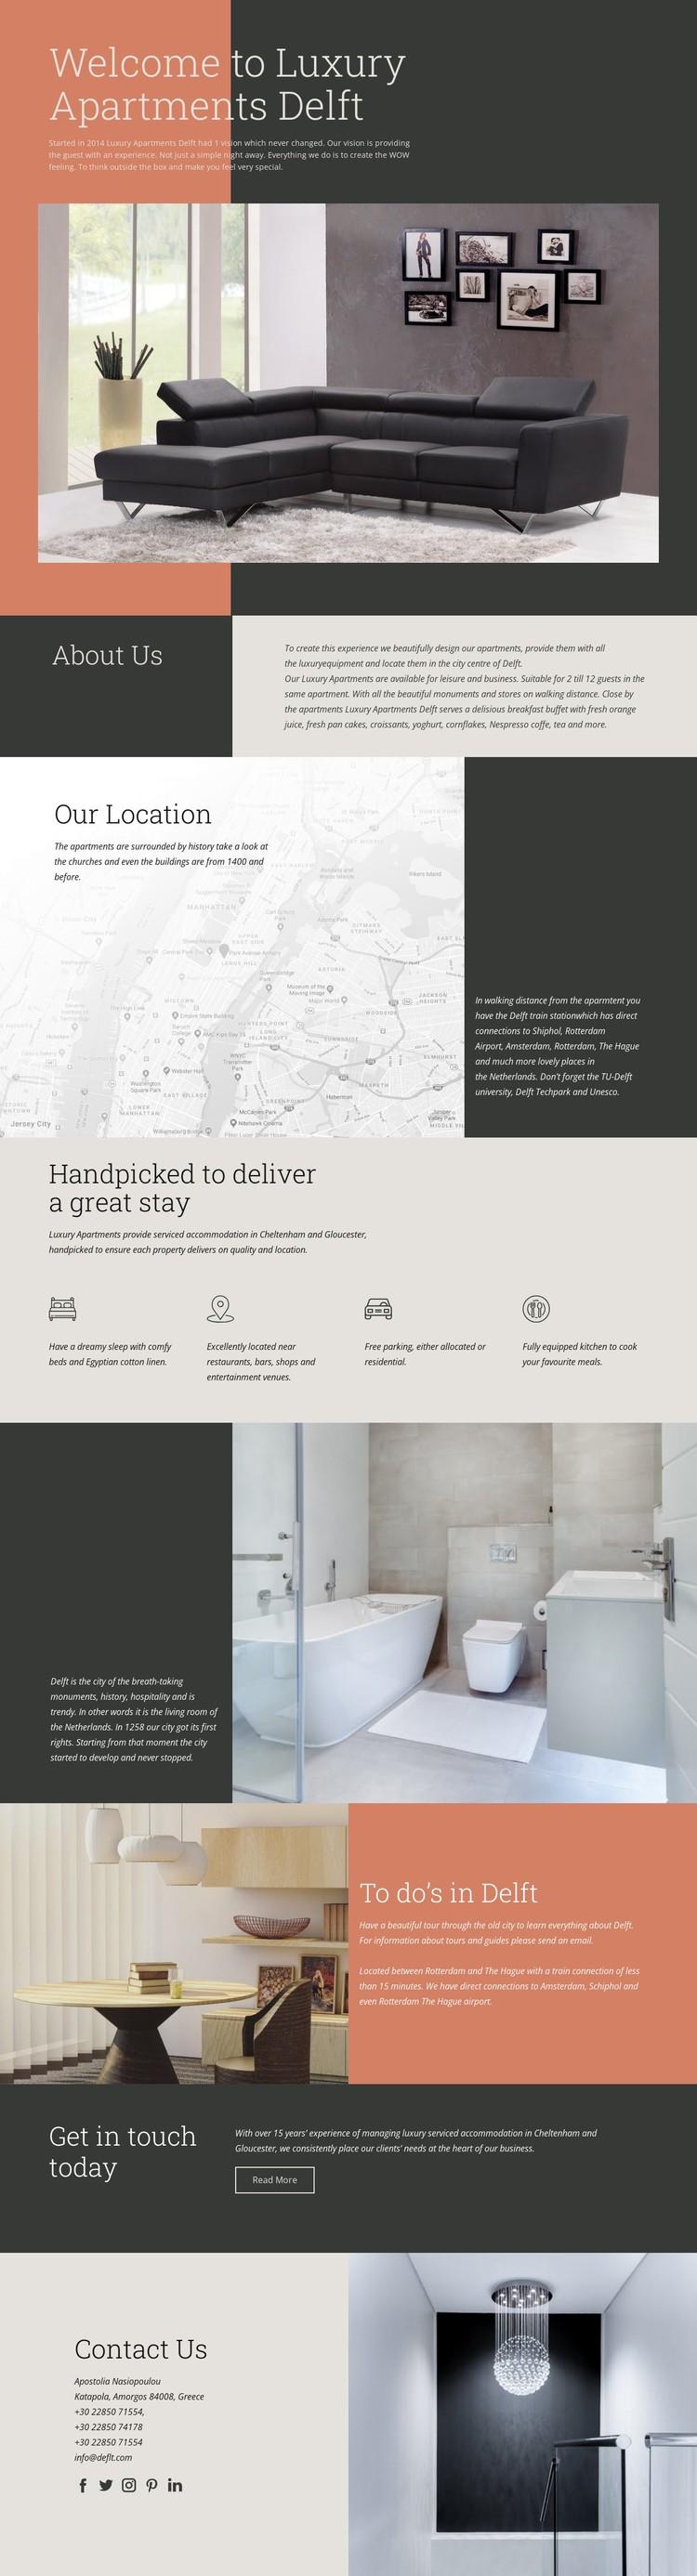 Luxury Apartments Static Site Generator